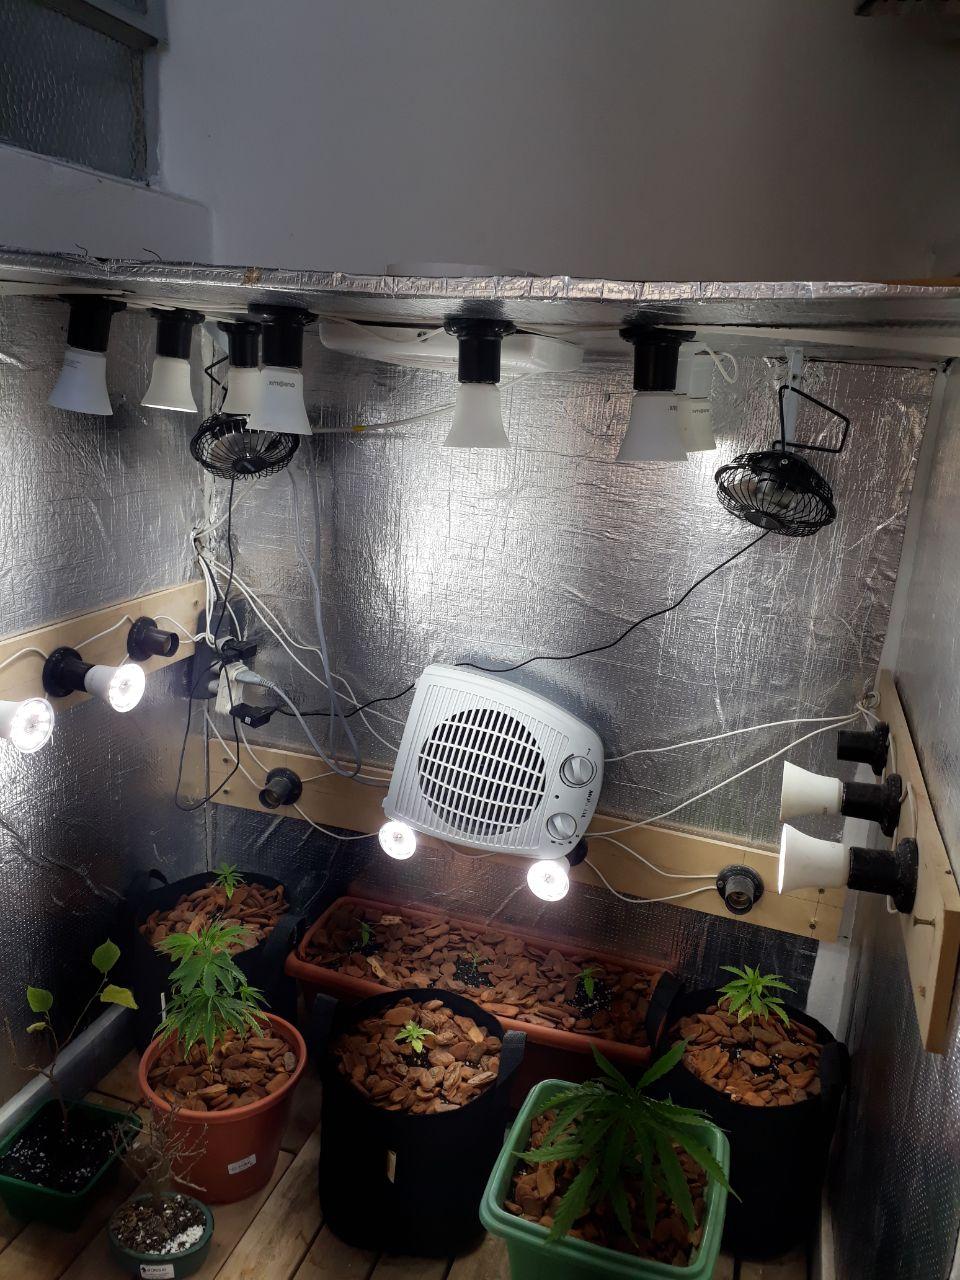 Improvisando cultivando maconha em espaços pequenos GRHS